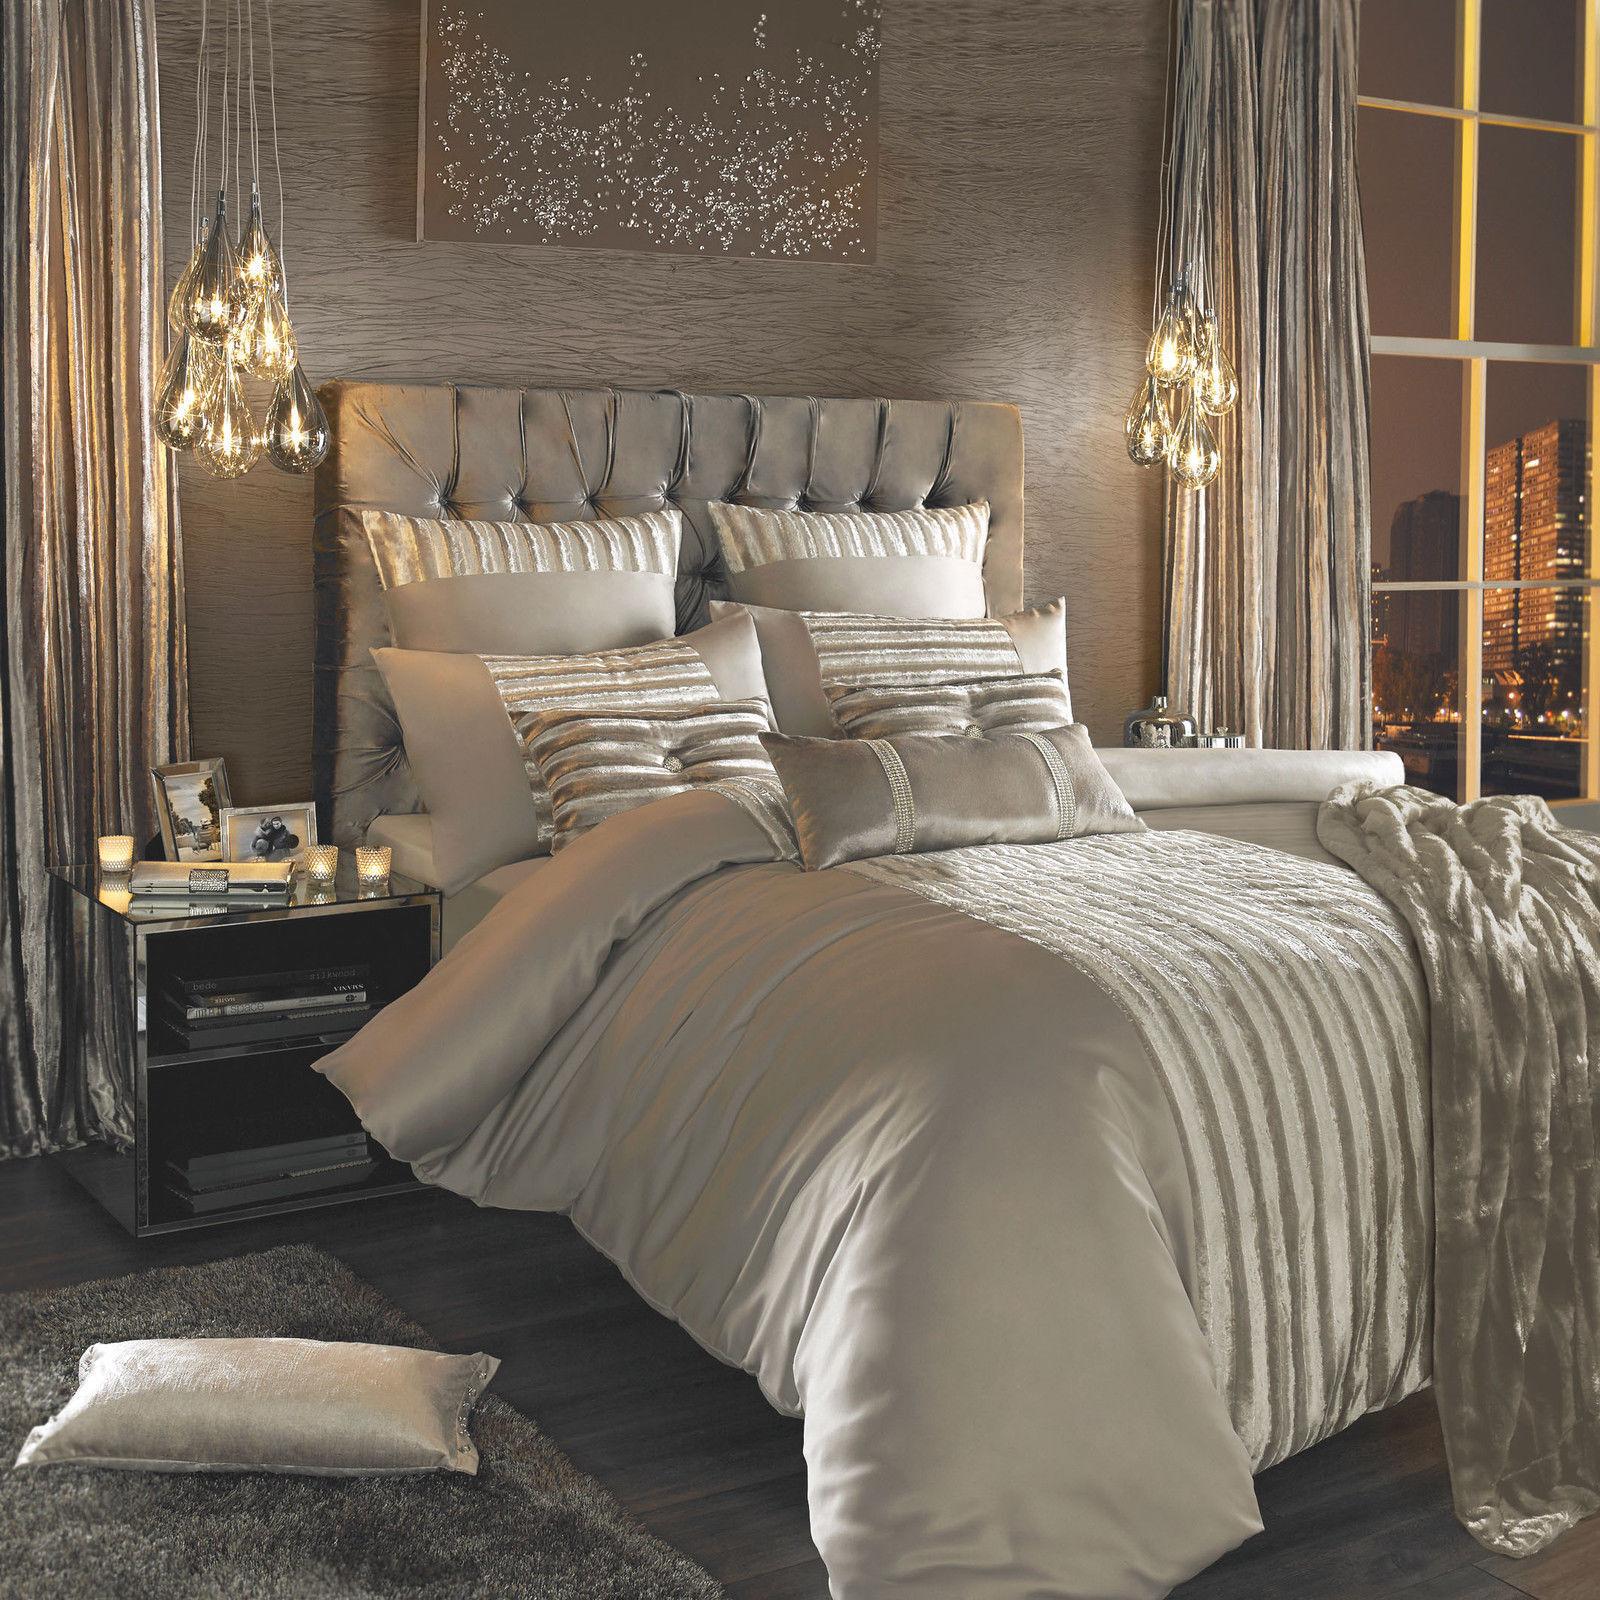 Celebrity Designer Kylie Minogue LUCETTE PRALINE Bed Linen Bedding